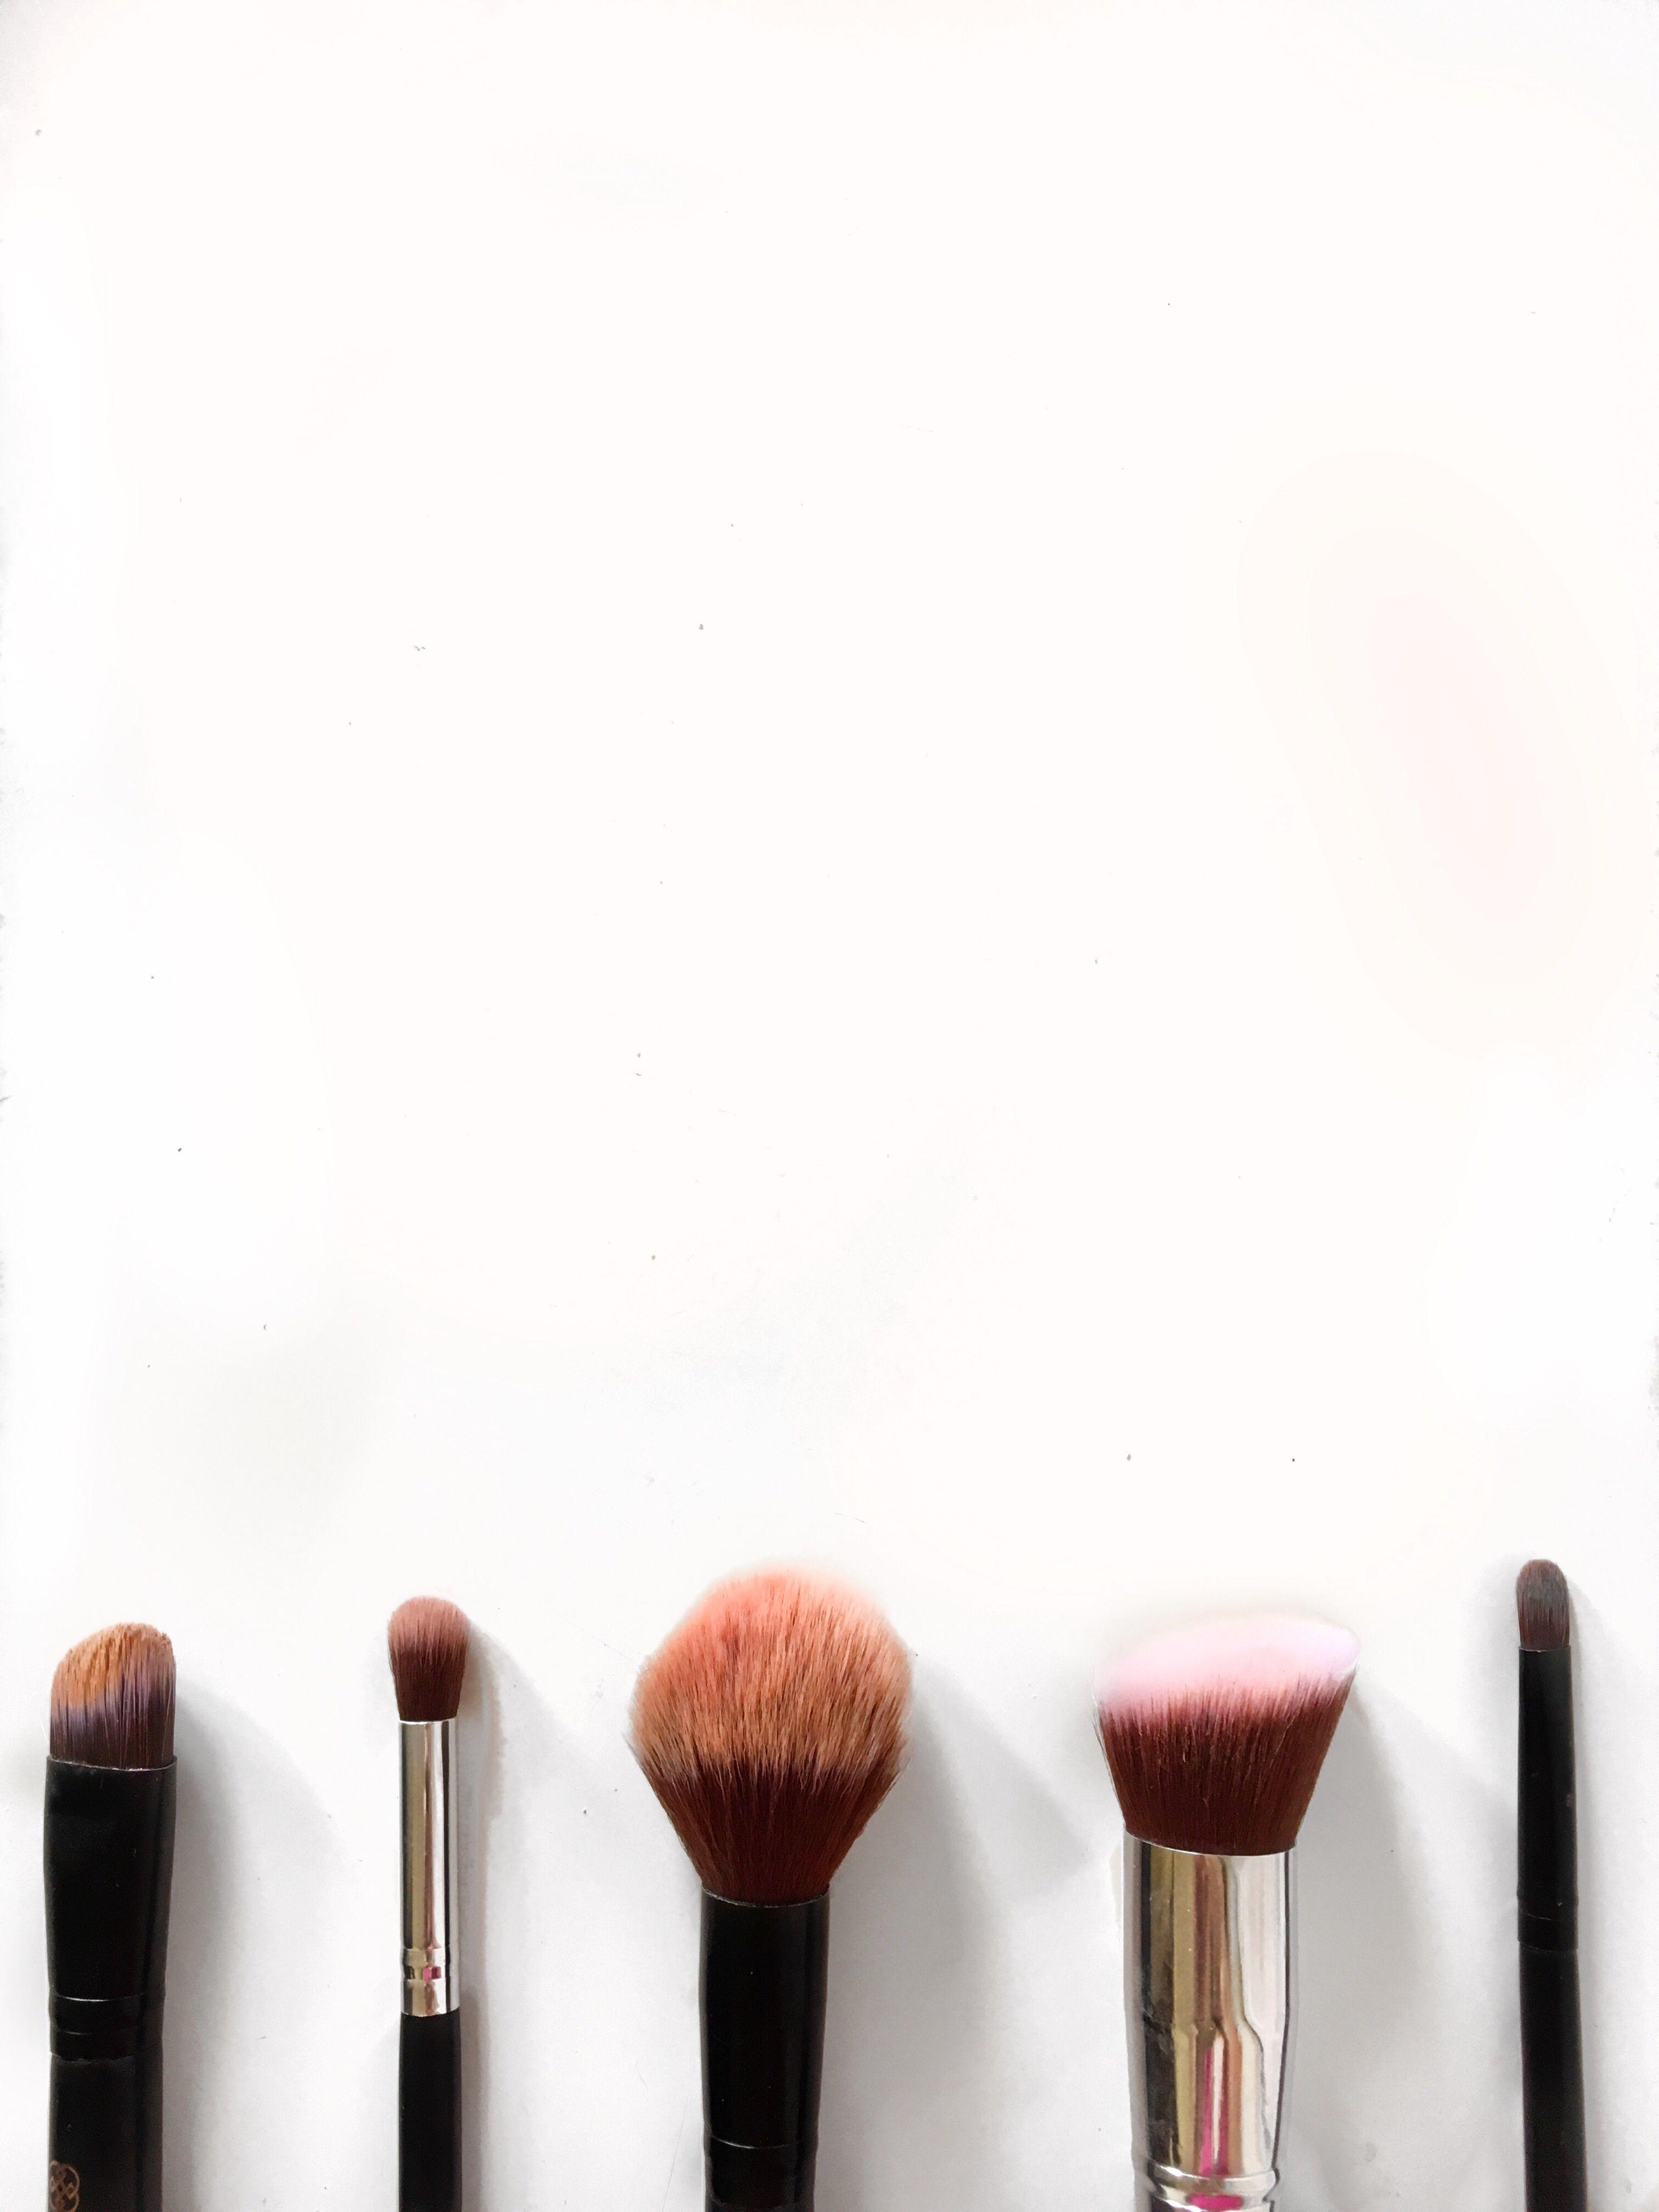 Makeup Brushes Flatlay White Background